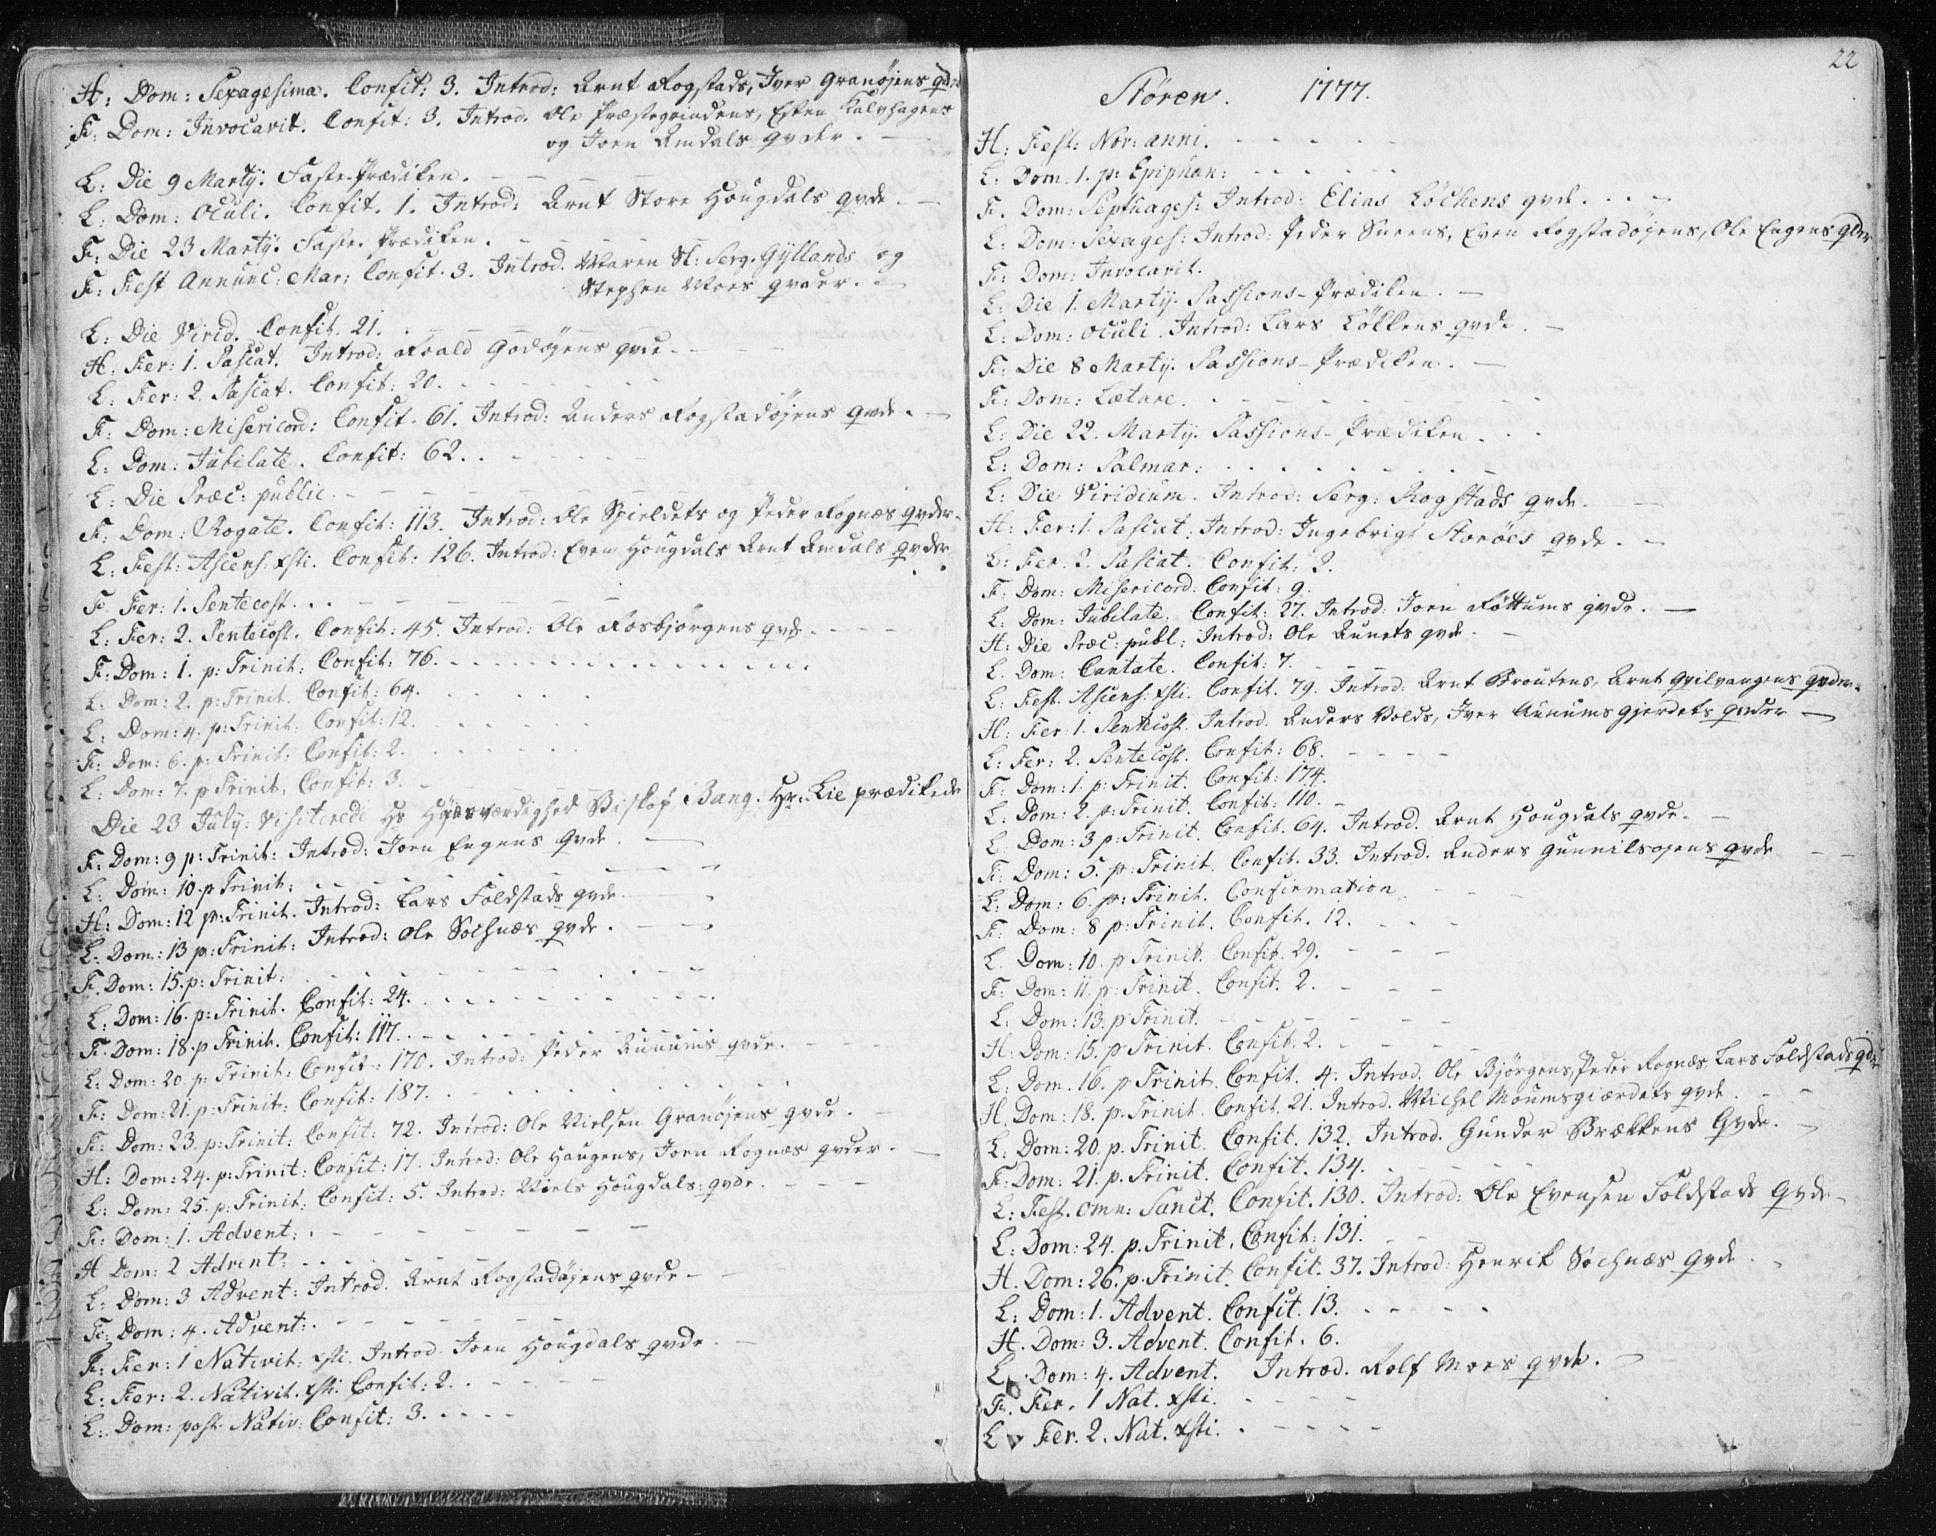 SAT, Ministerialprotokoller, klokkerbøker og fødselsregistre - Sør-Trøndelag, 687/L0991: Ministerialbok nr. 687A02, 1747-1790, s. 22